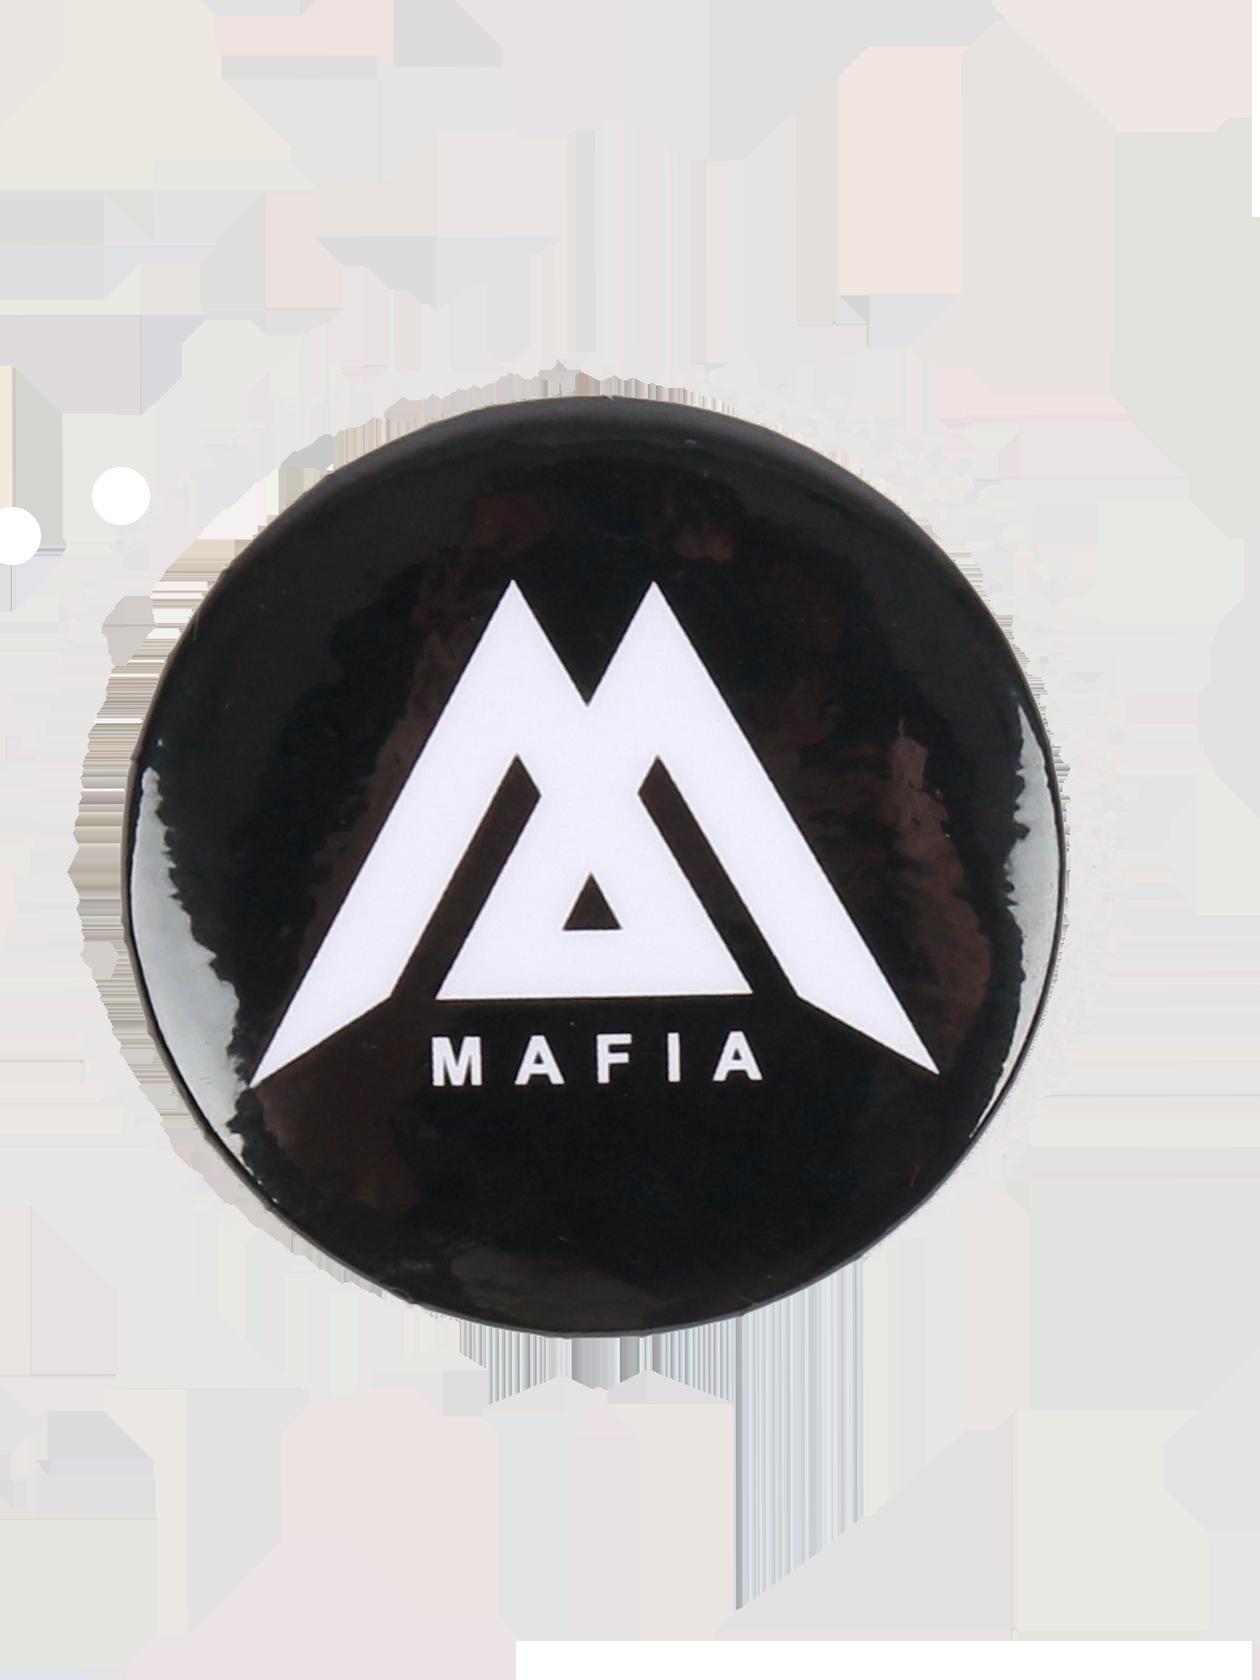 Значок MAFIA. Производитель: Black Star Wear, артикул: 12140